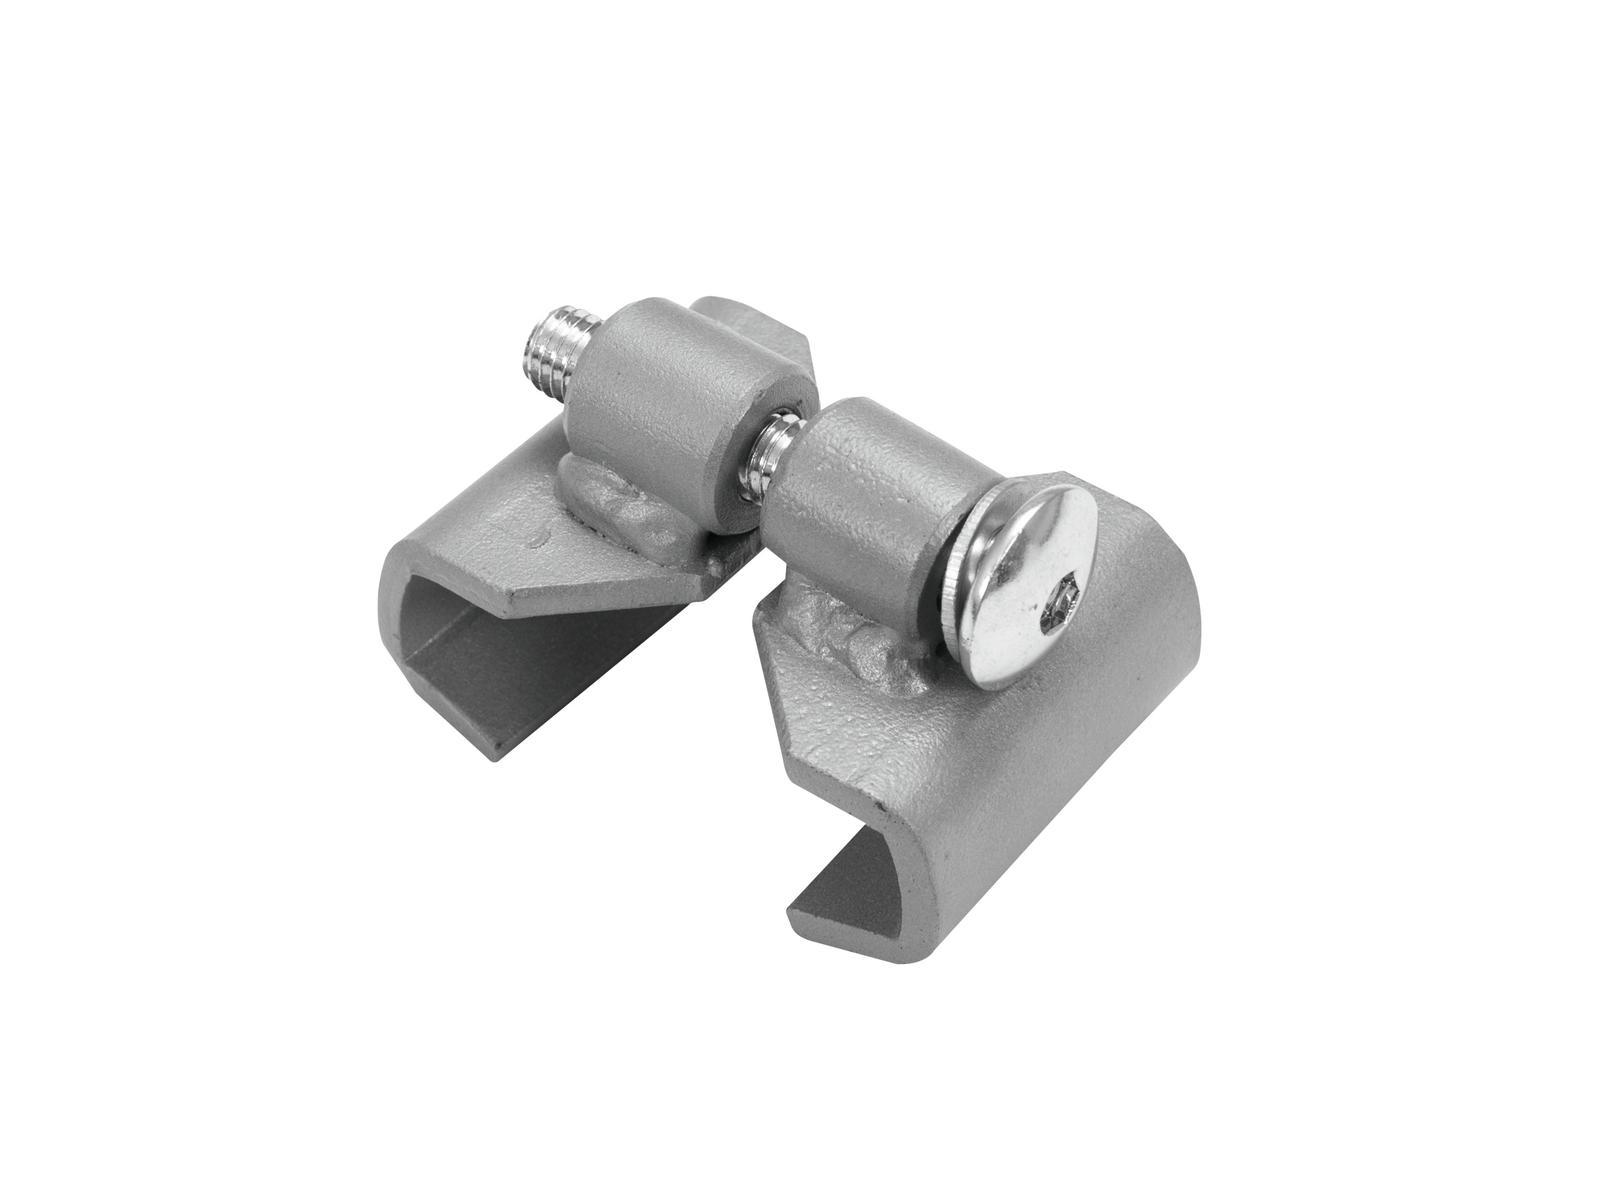 GUIL TMU-02/442 Morsetto connettore